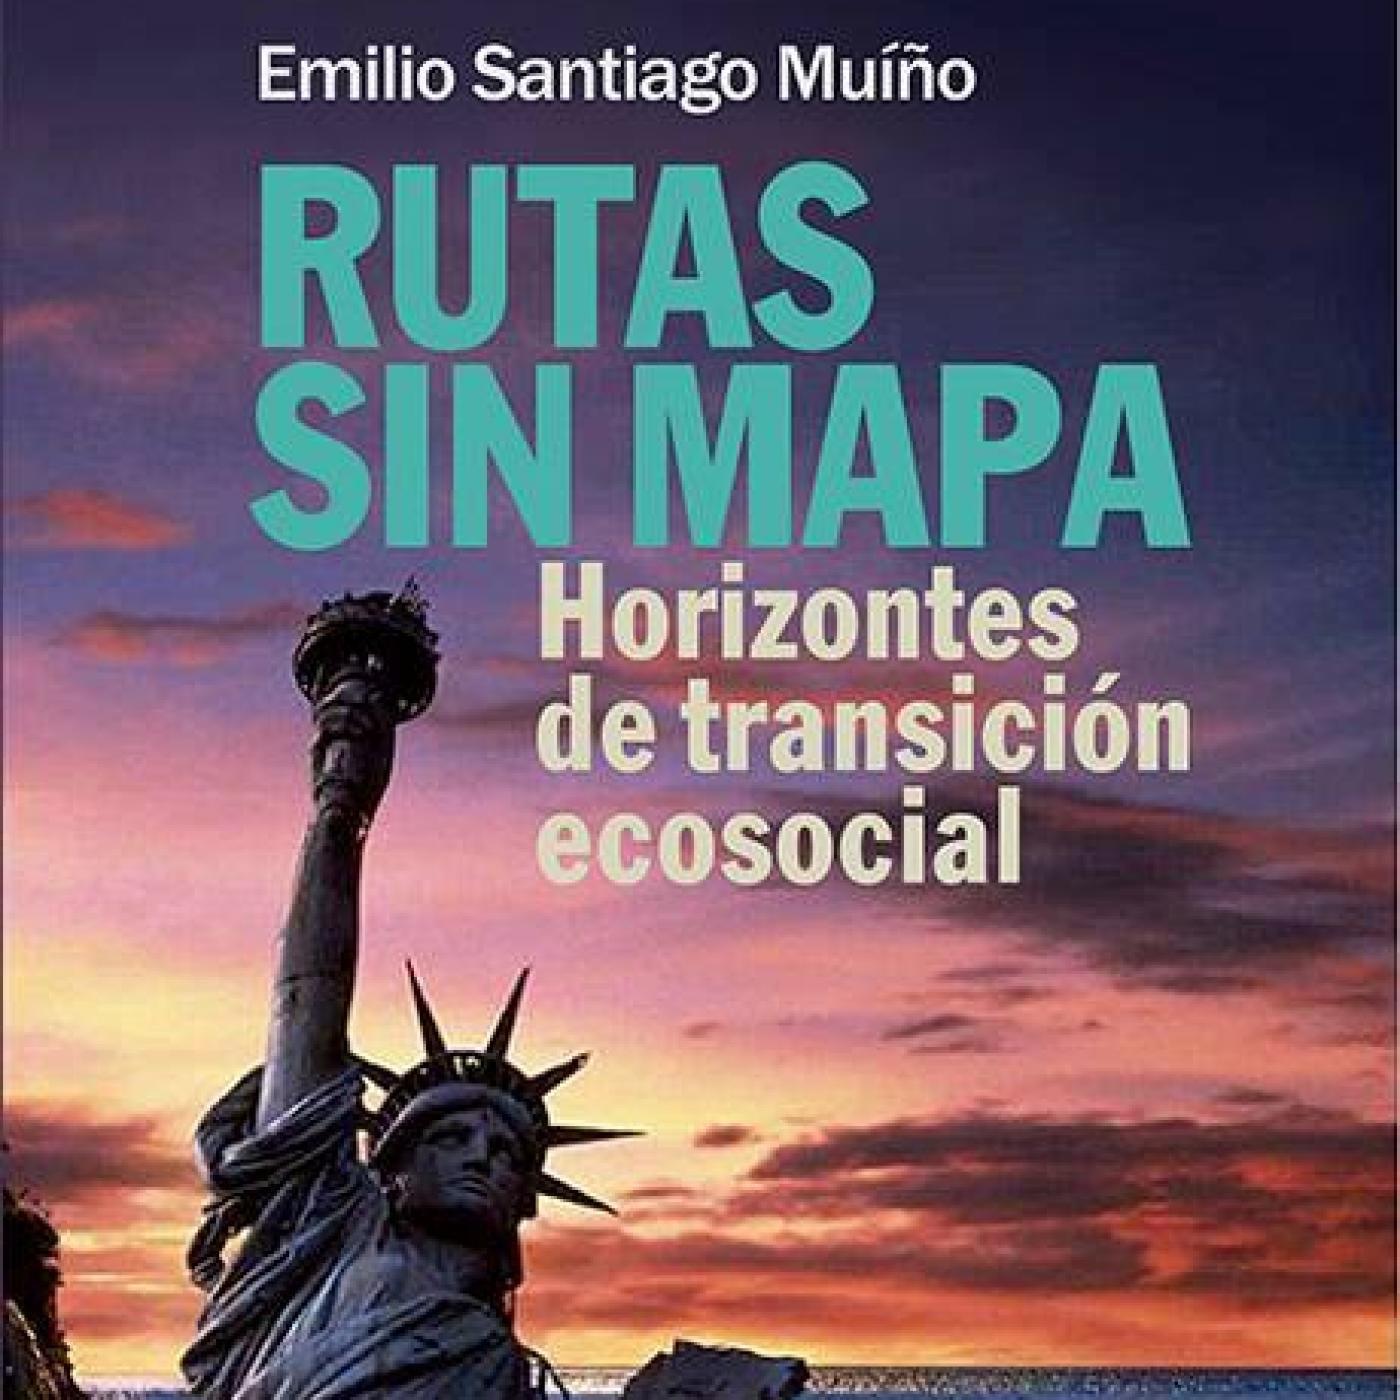 «Rutas sin mapa. Horizontes de transición ecosocial» de Emilio Santiago Muíño